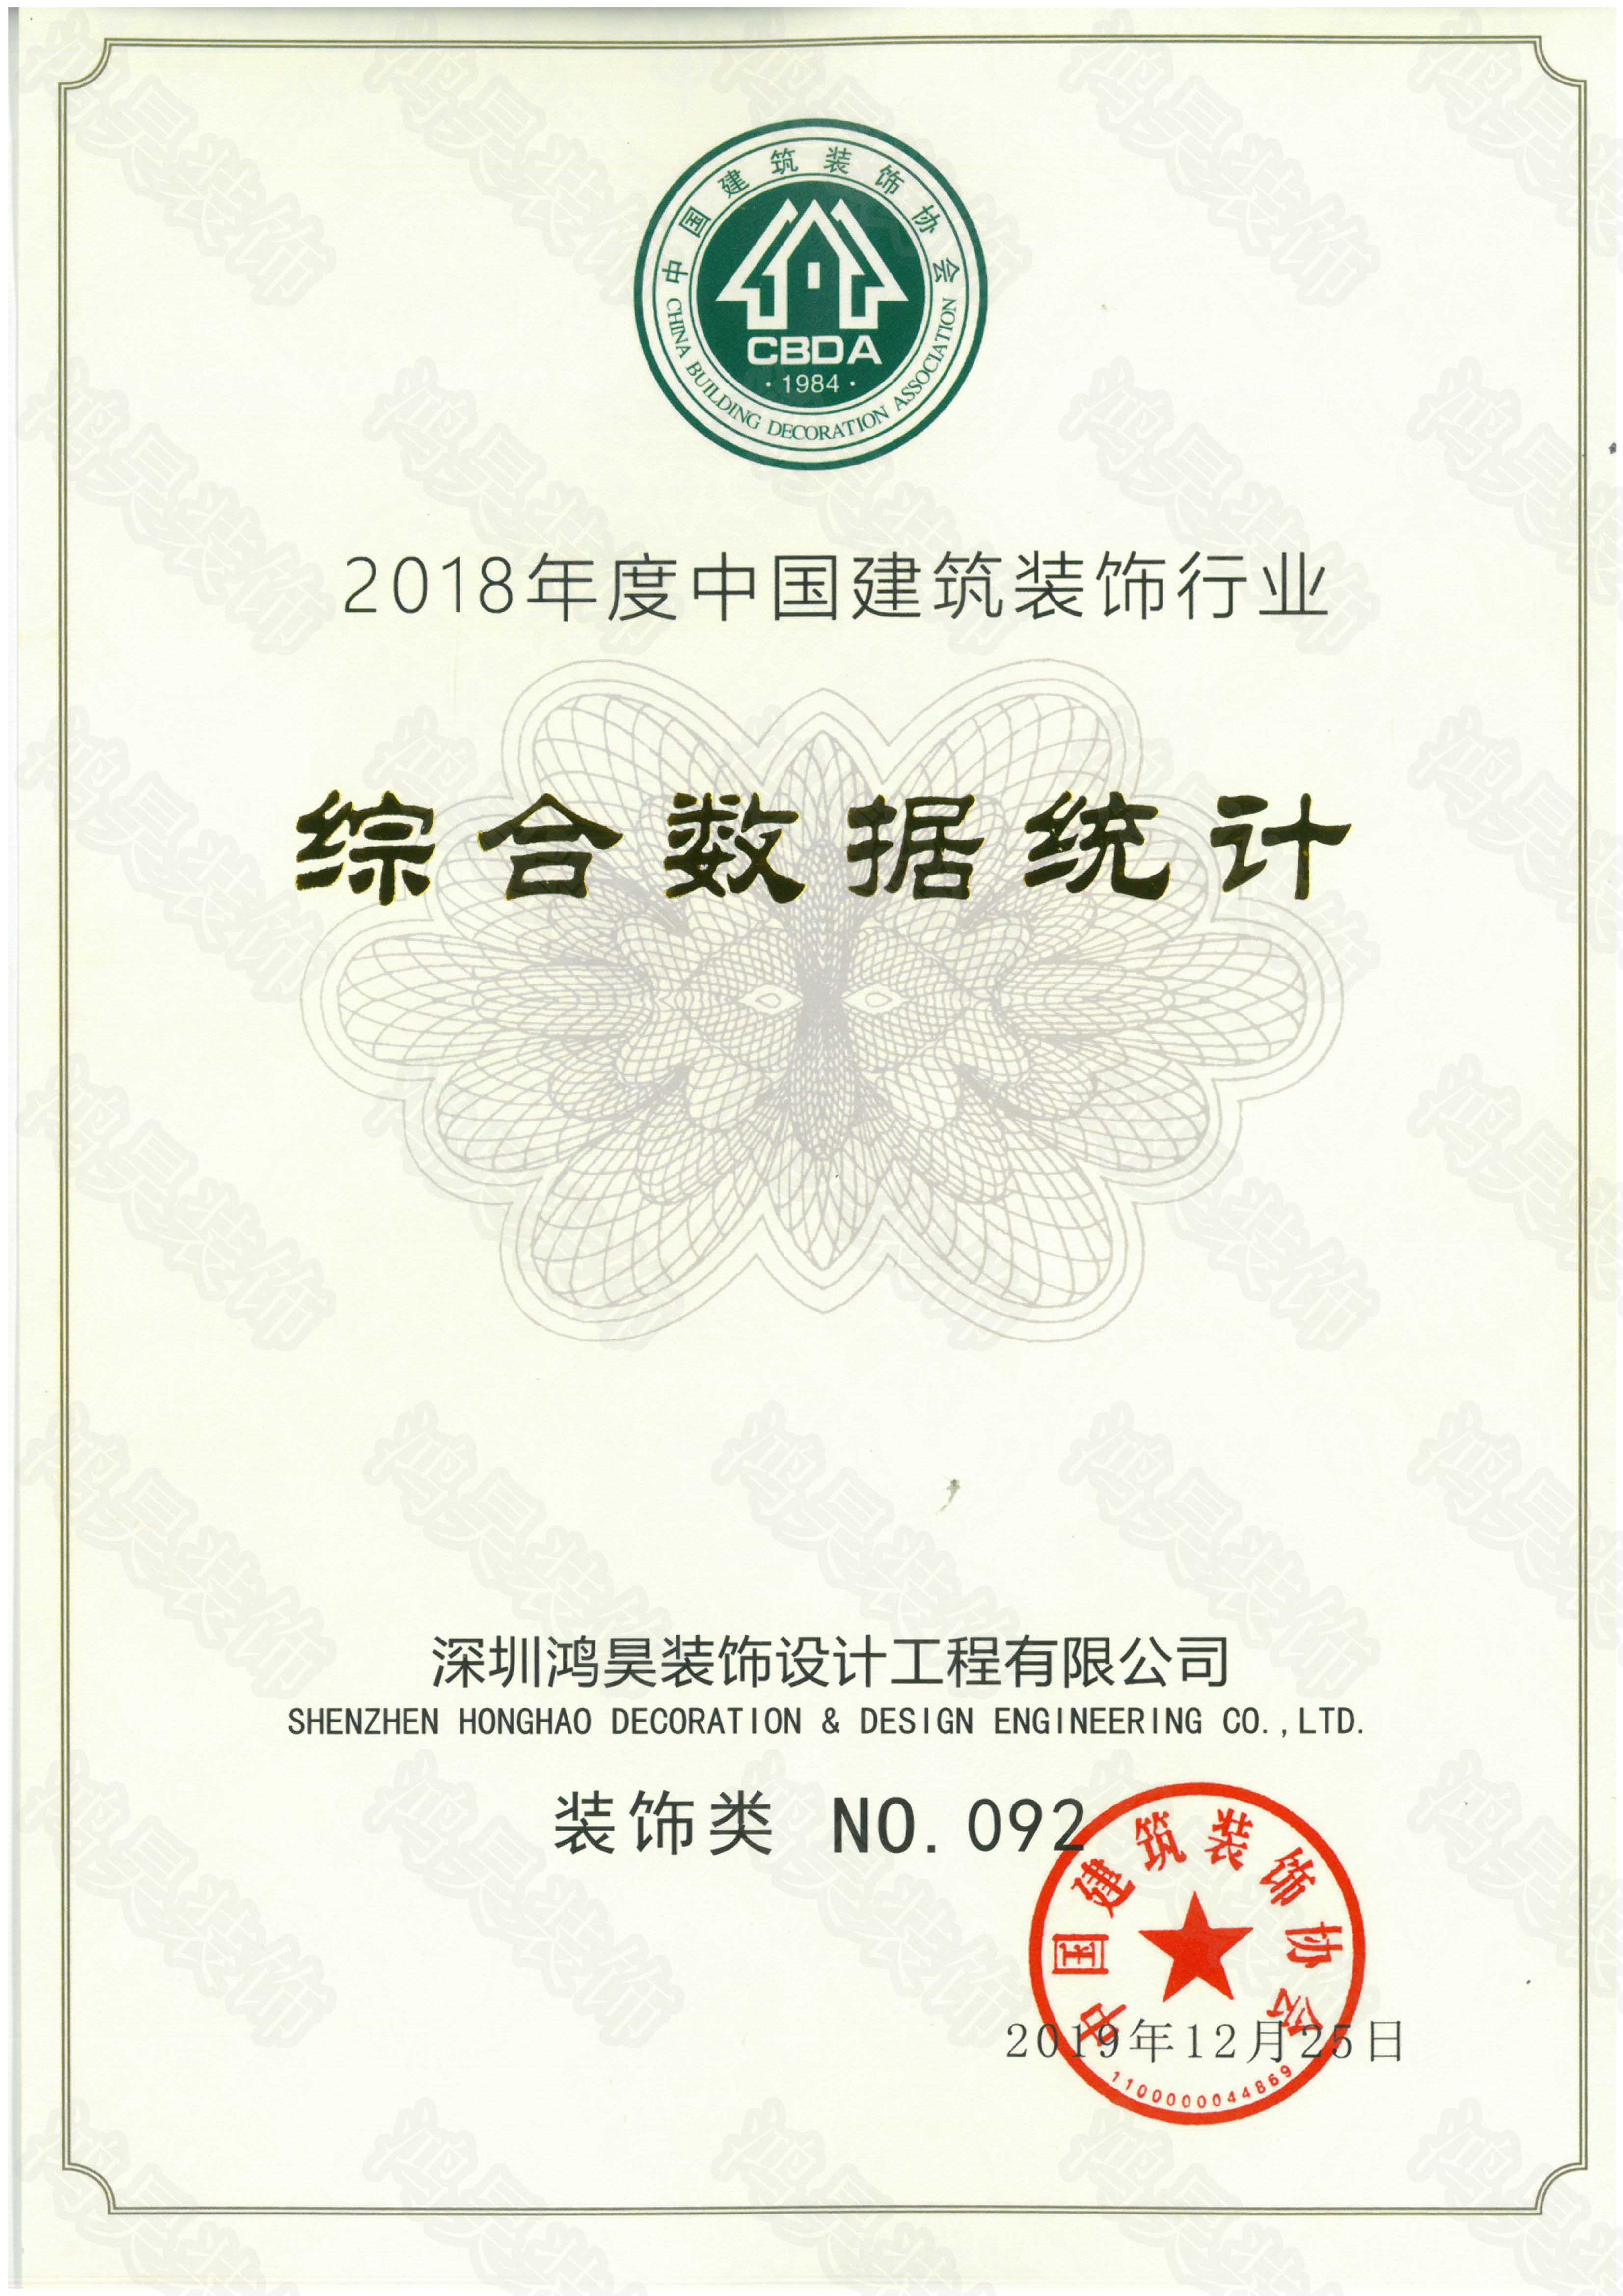 深圳鸿昊装饰设计工程有限公司入围装饰类百强